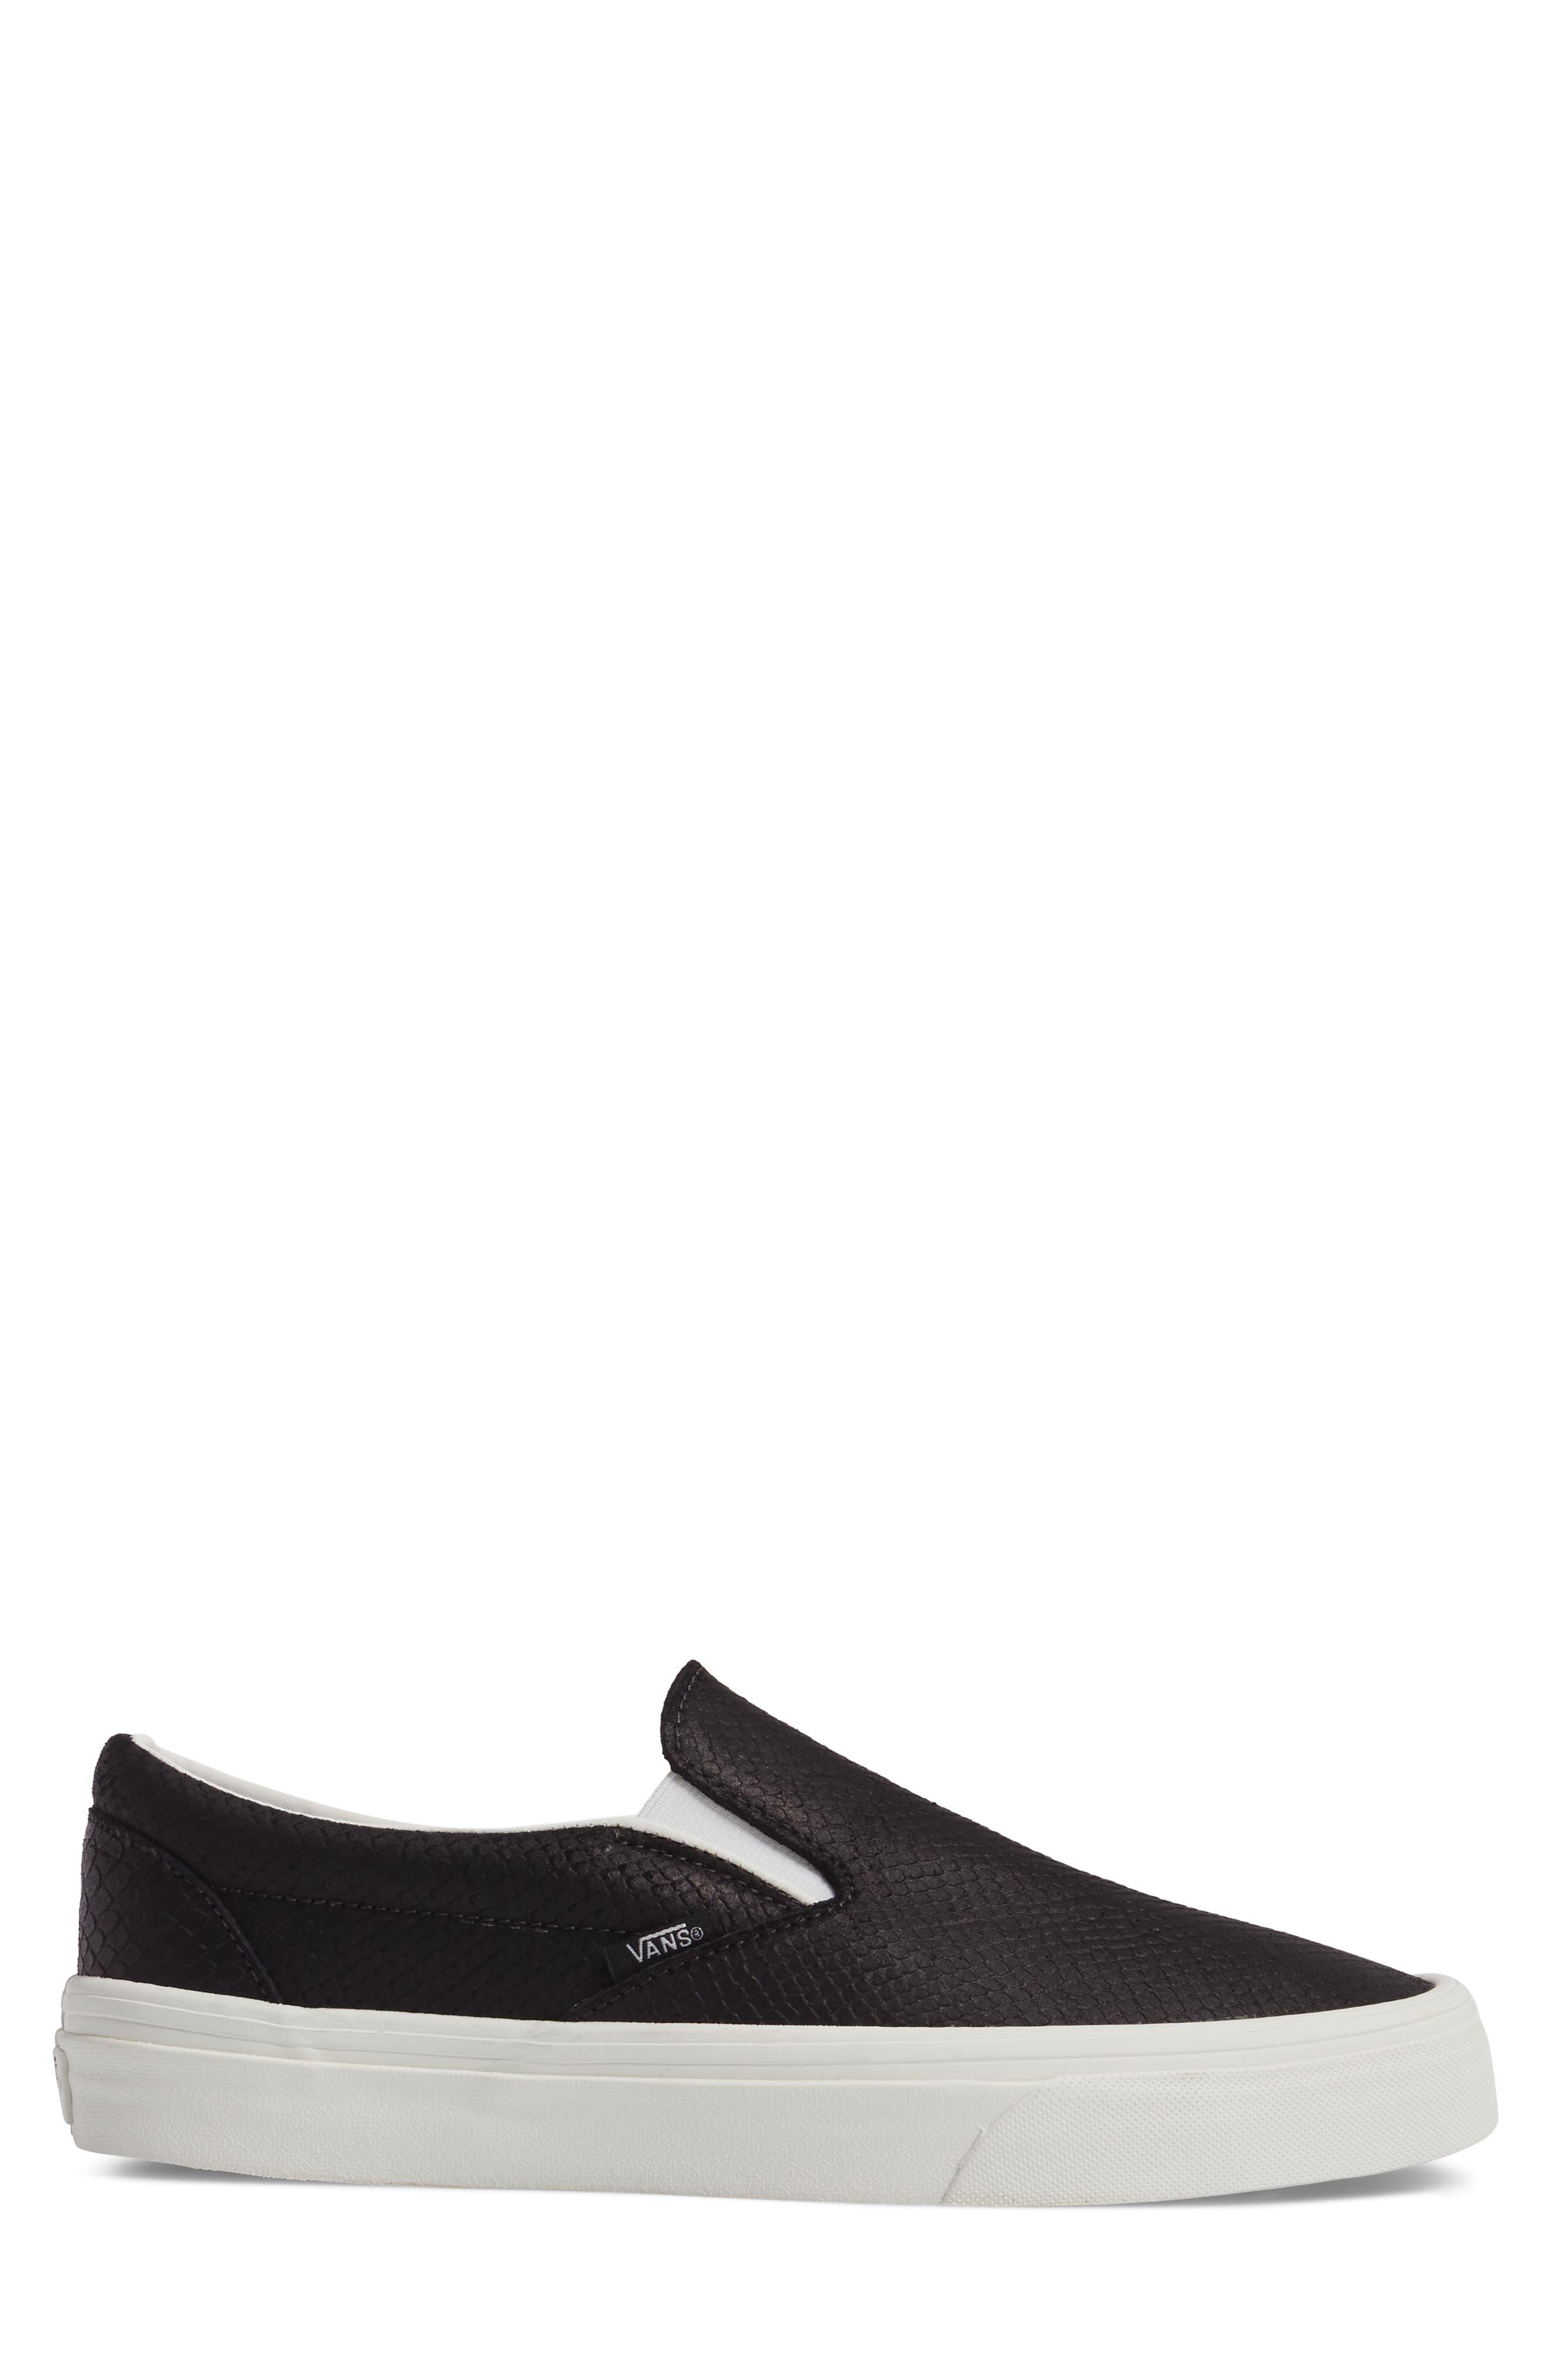 Alternate Image 3  - Vans 'Classic' Slip-On Sneaker (Men)